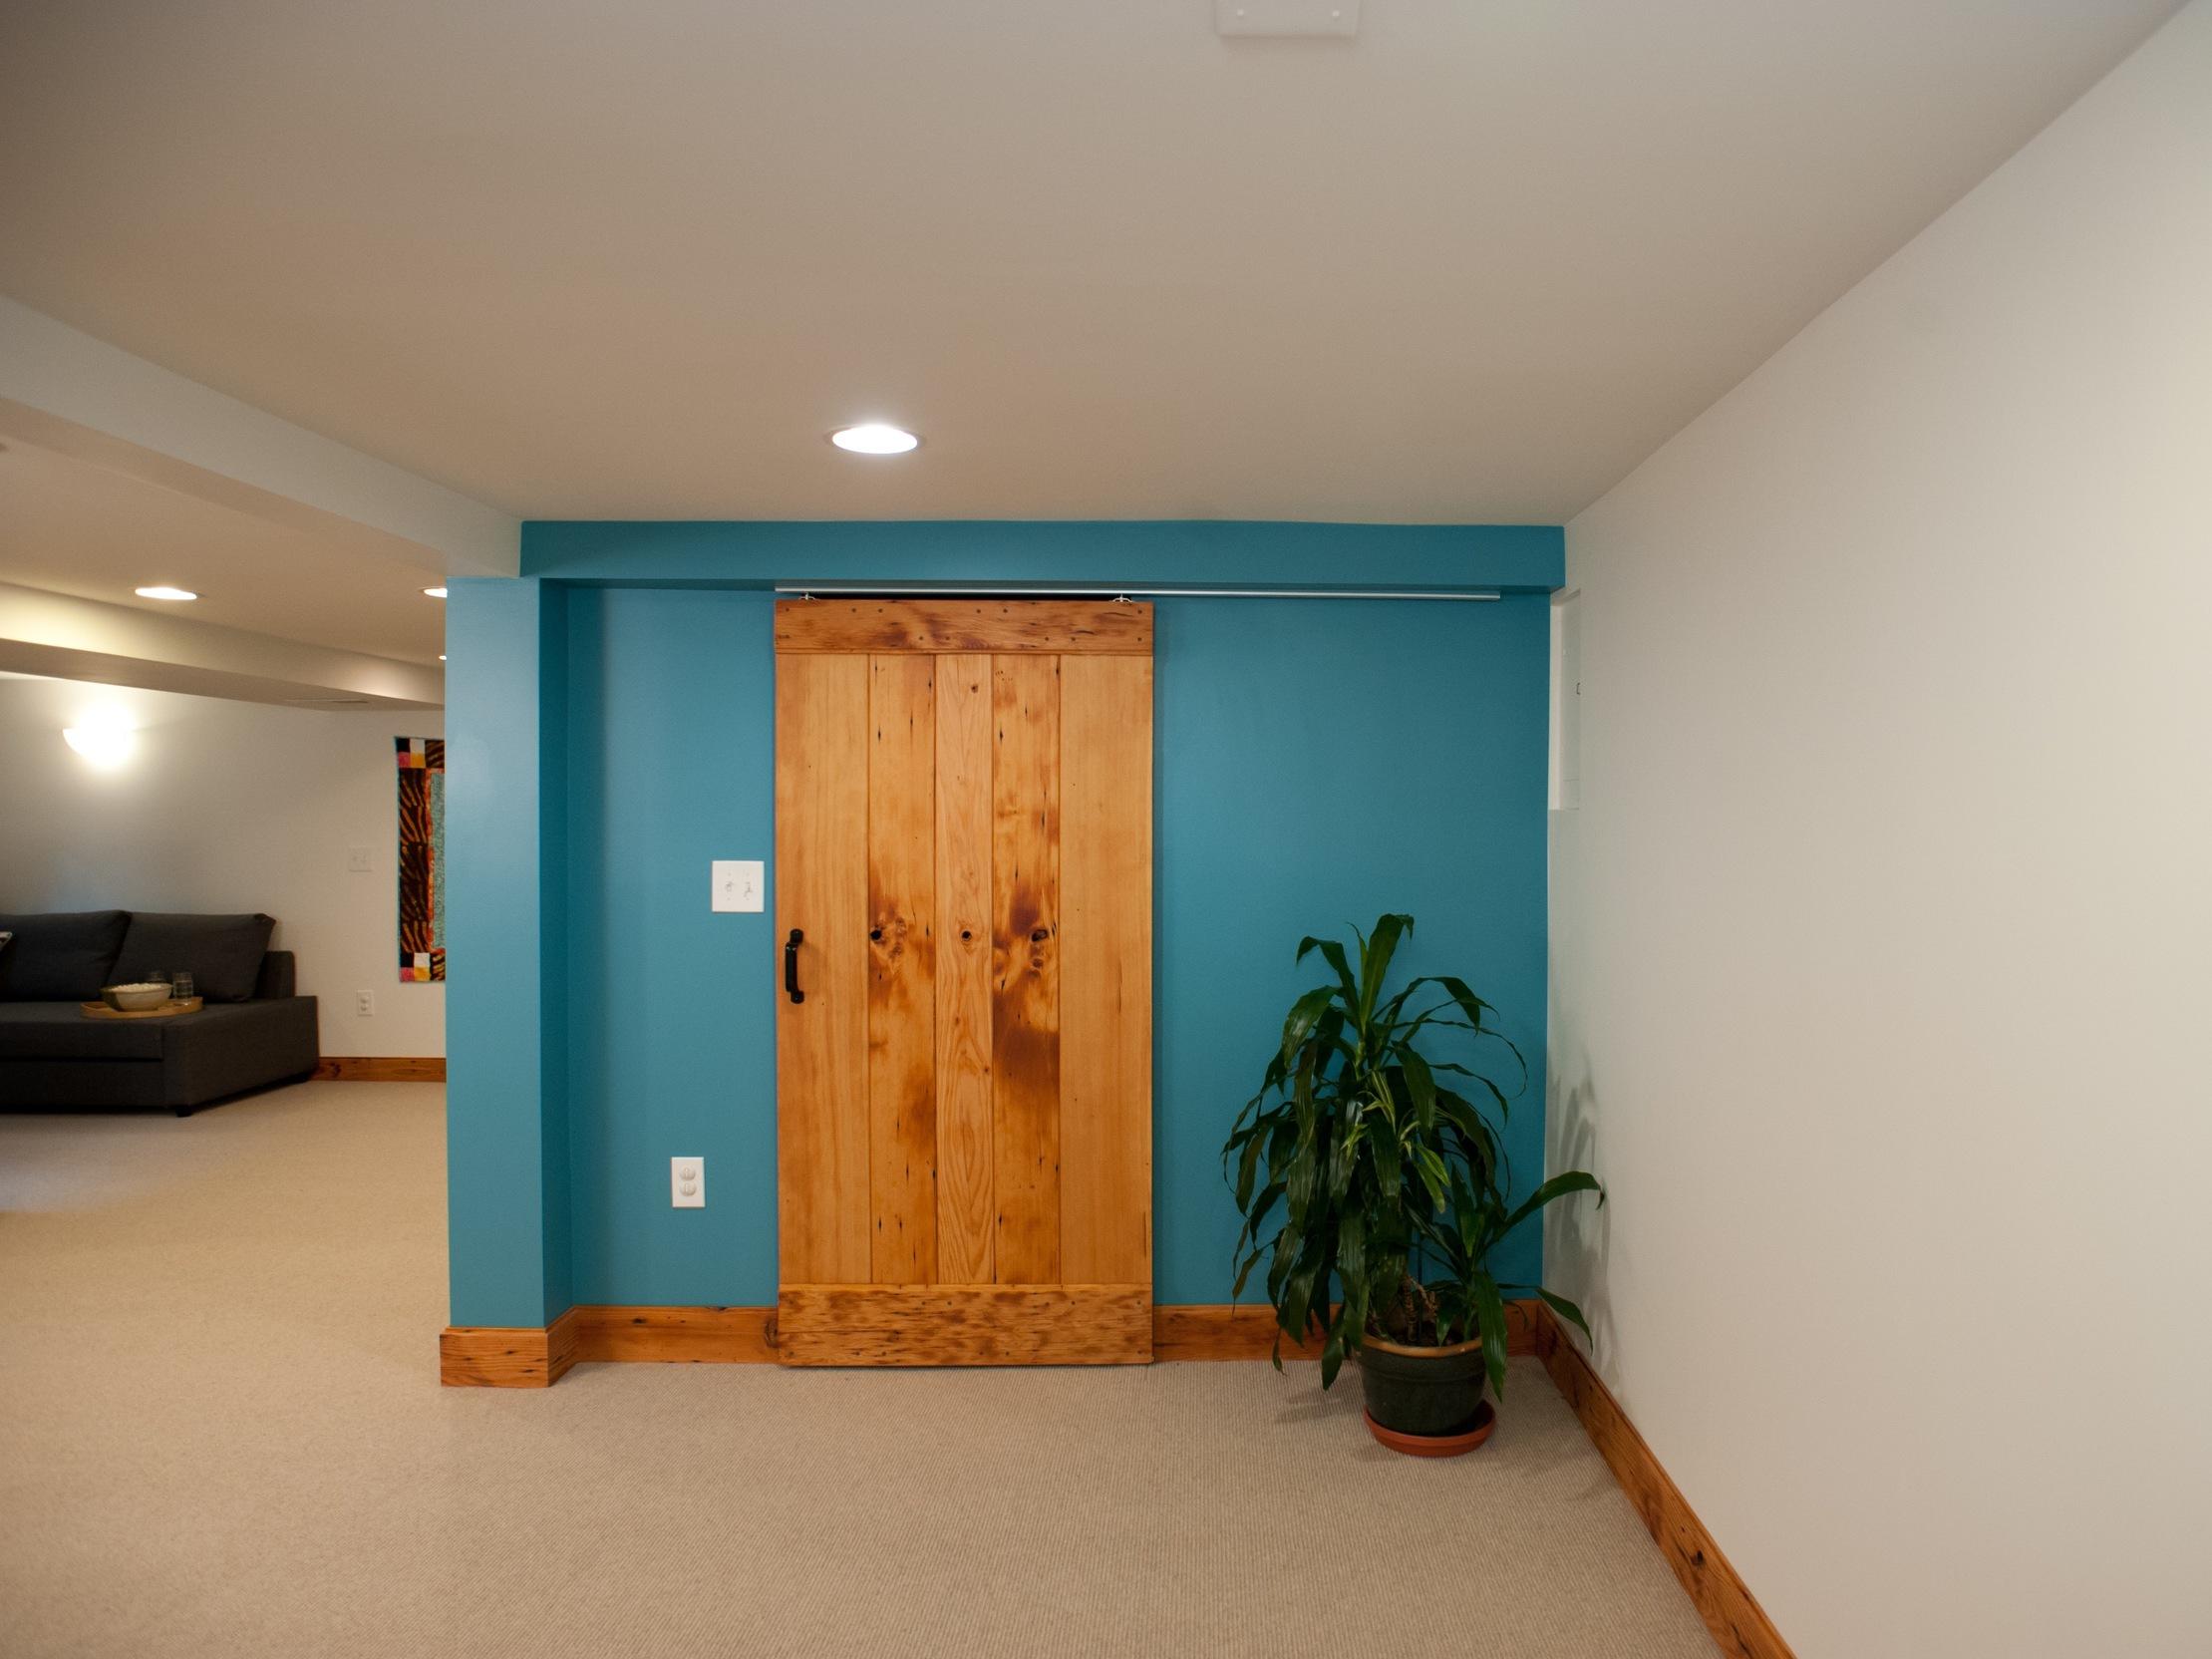 AFTER: Closet gone, custom barn door added, ductwork hidden.